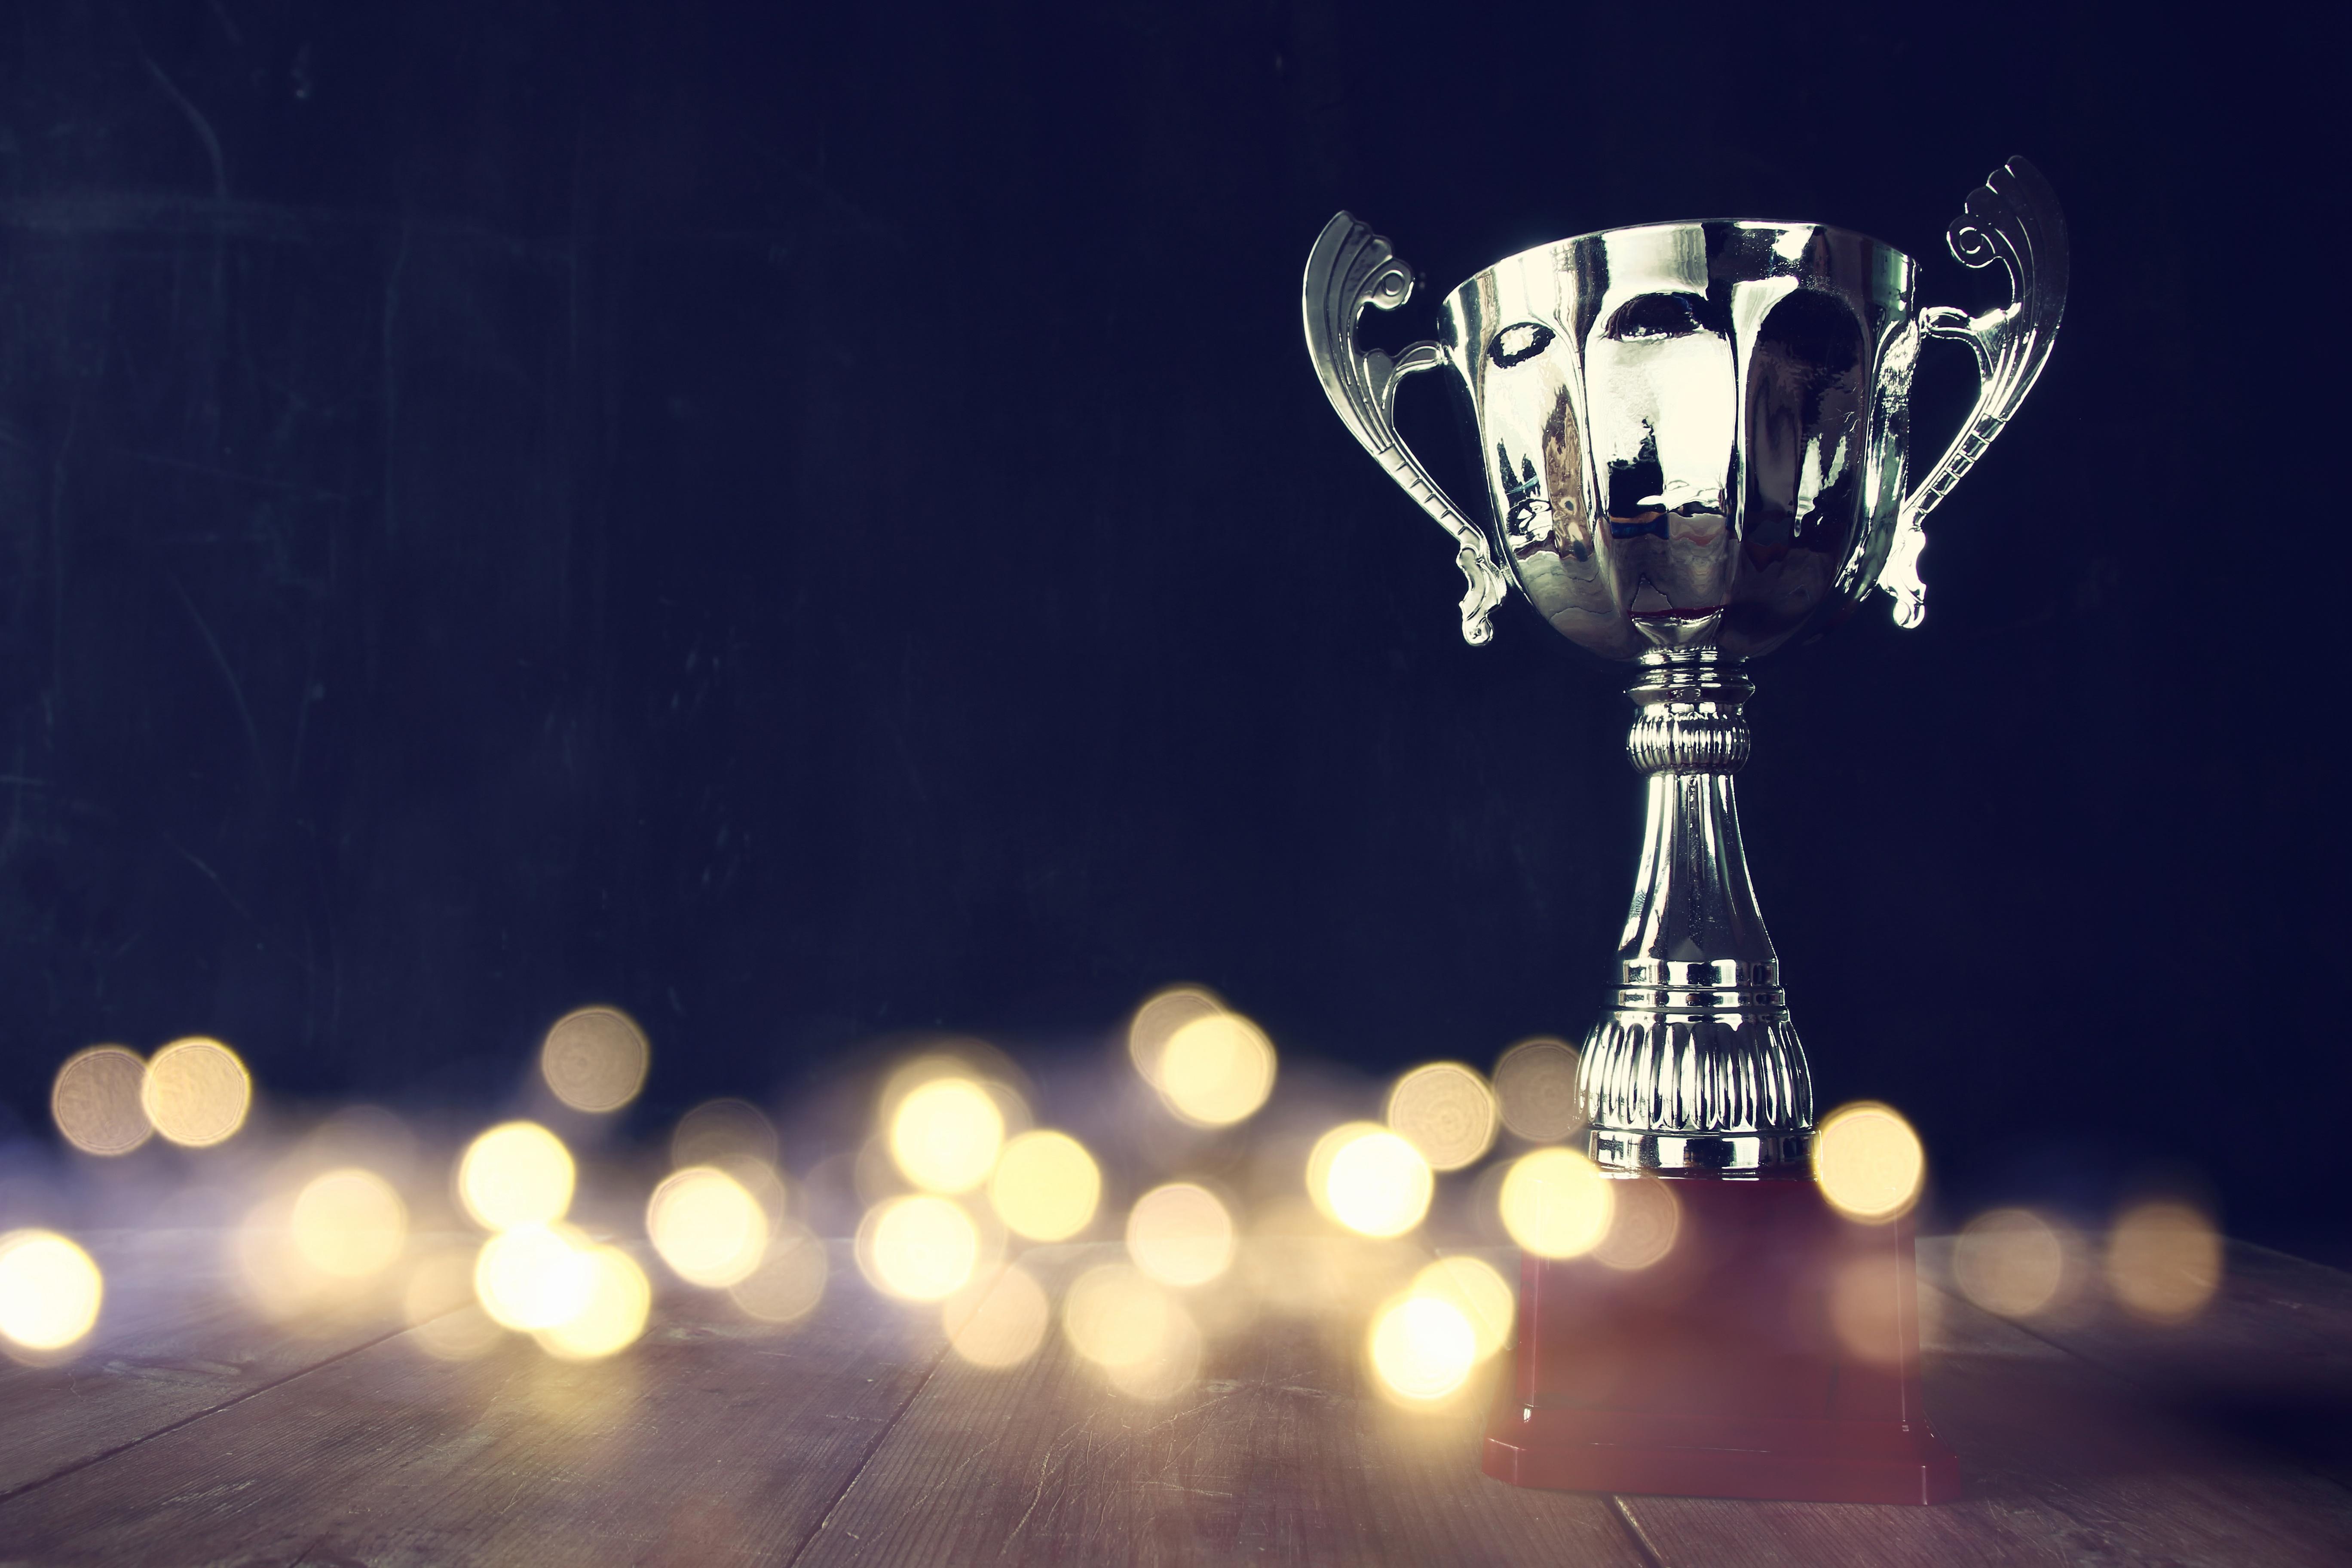 Bitdefender Hypervisor Introspection Awarded Best New Technology at Citrix Synergy